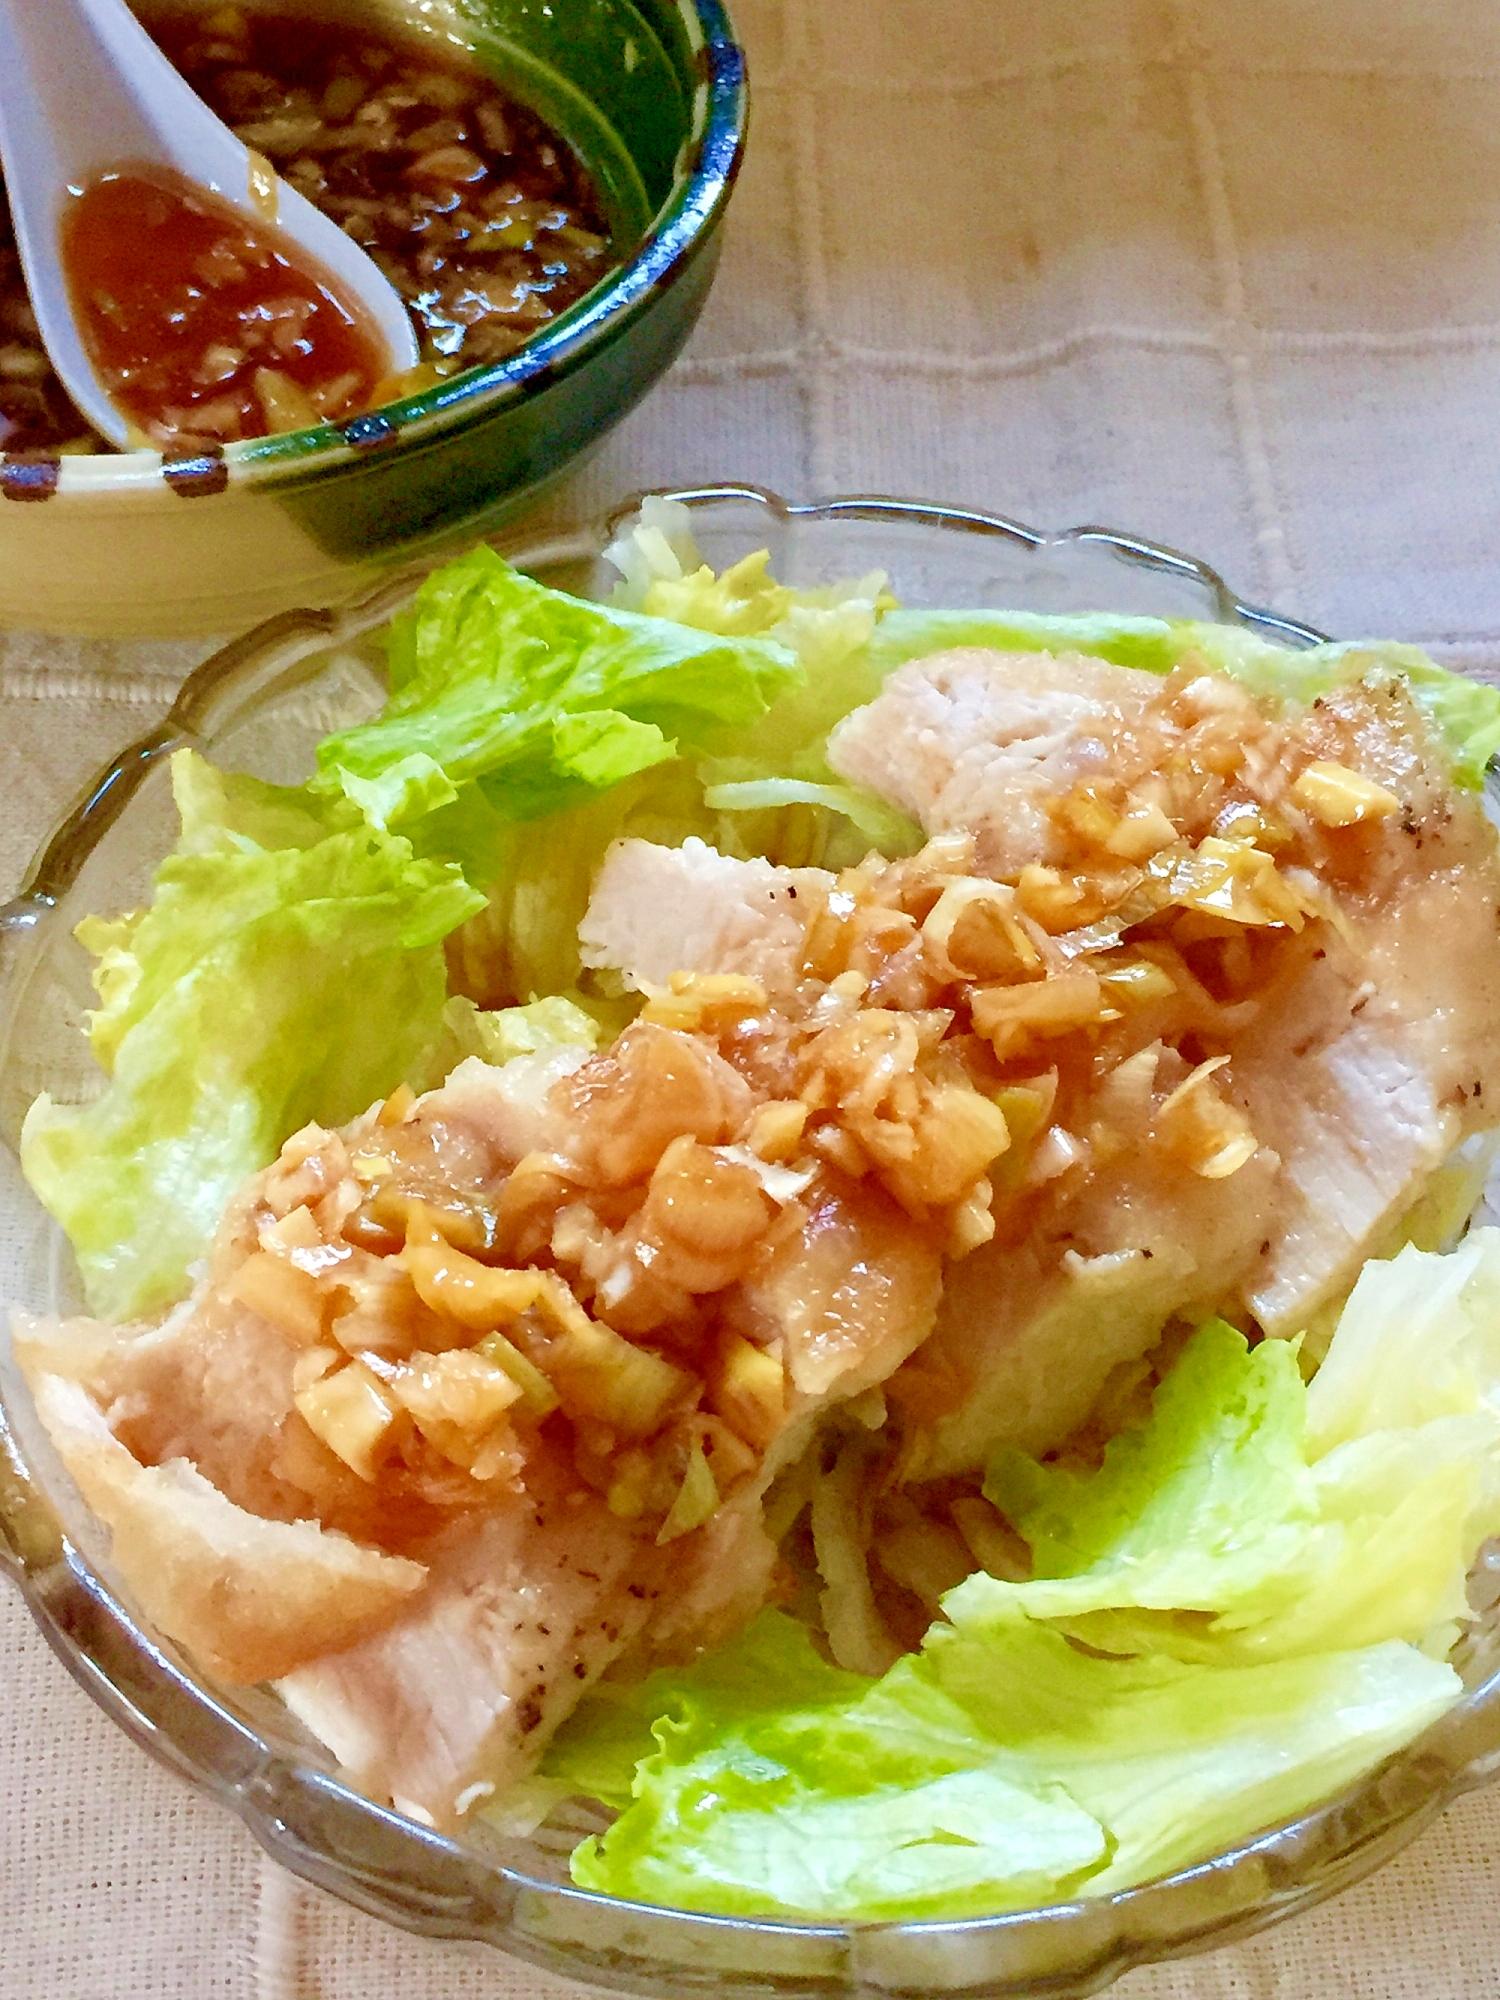 タレが絶品♡鶏むね肉で油淋鶏(ユーリンチー) レシピ・作り方 by みさきらりんず|楽天レシピ